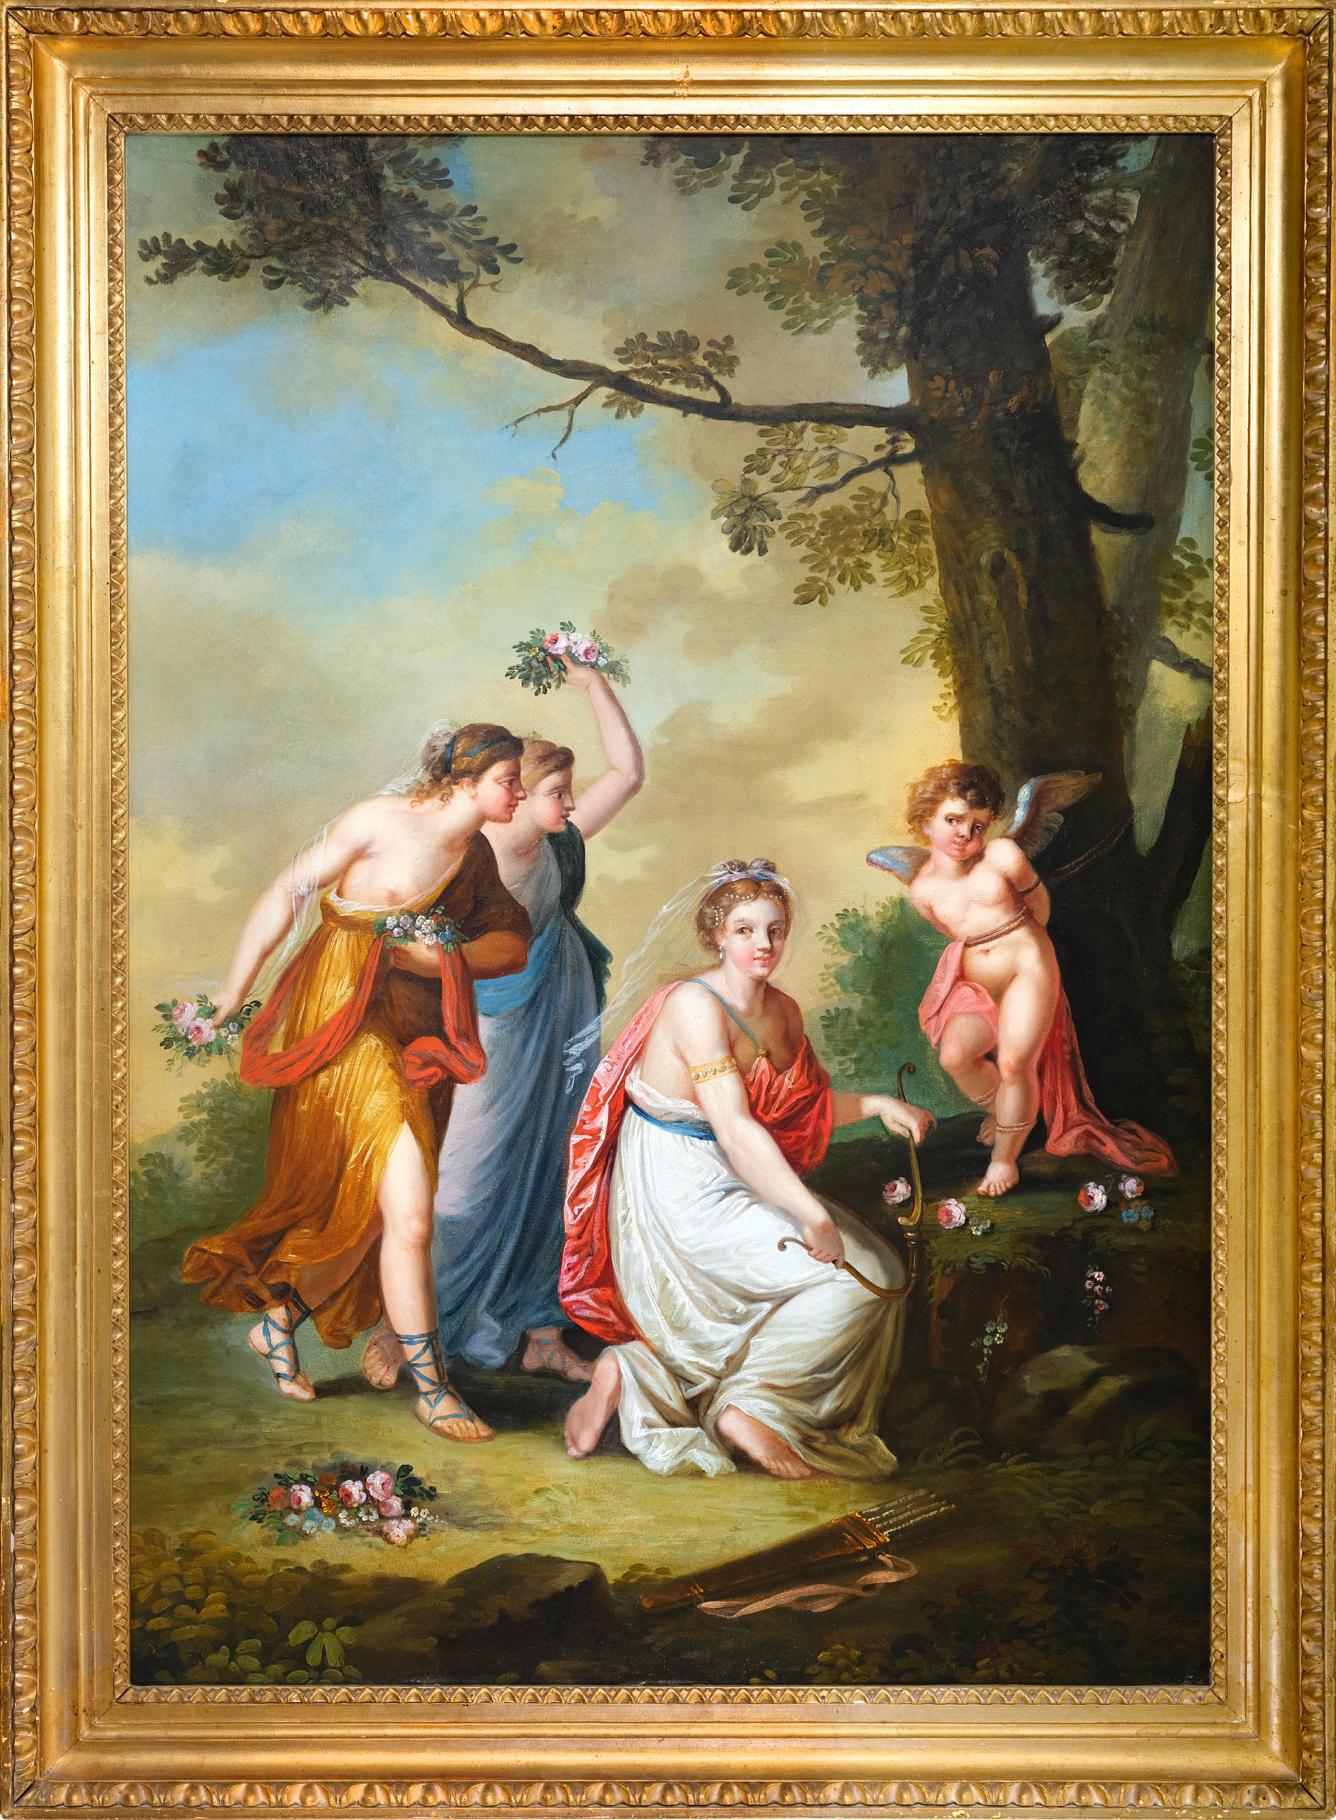 Der schlimme Amor, Gemälde, Empire um 1790/1810 - Image 2 of 3